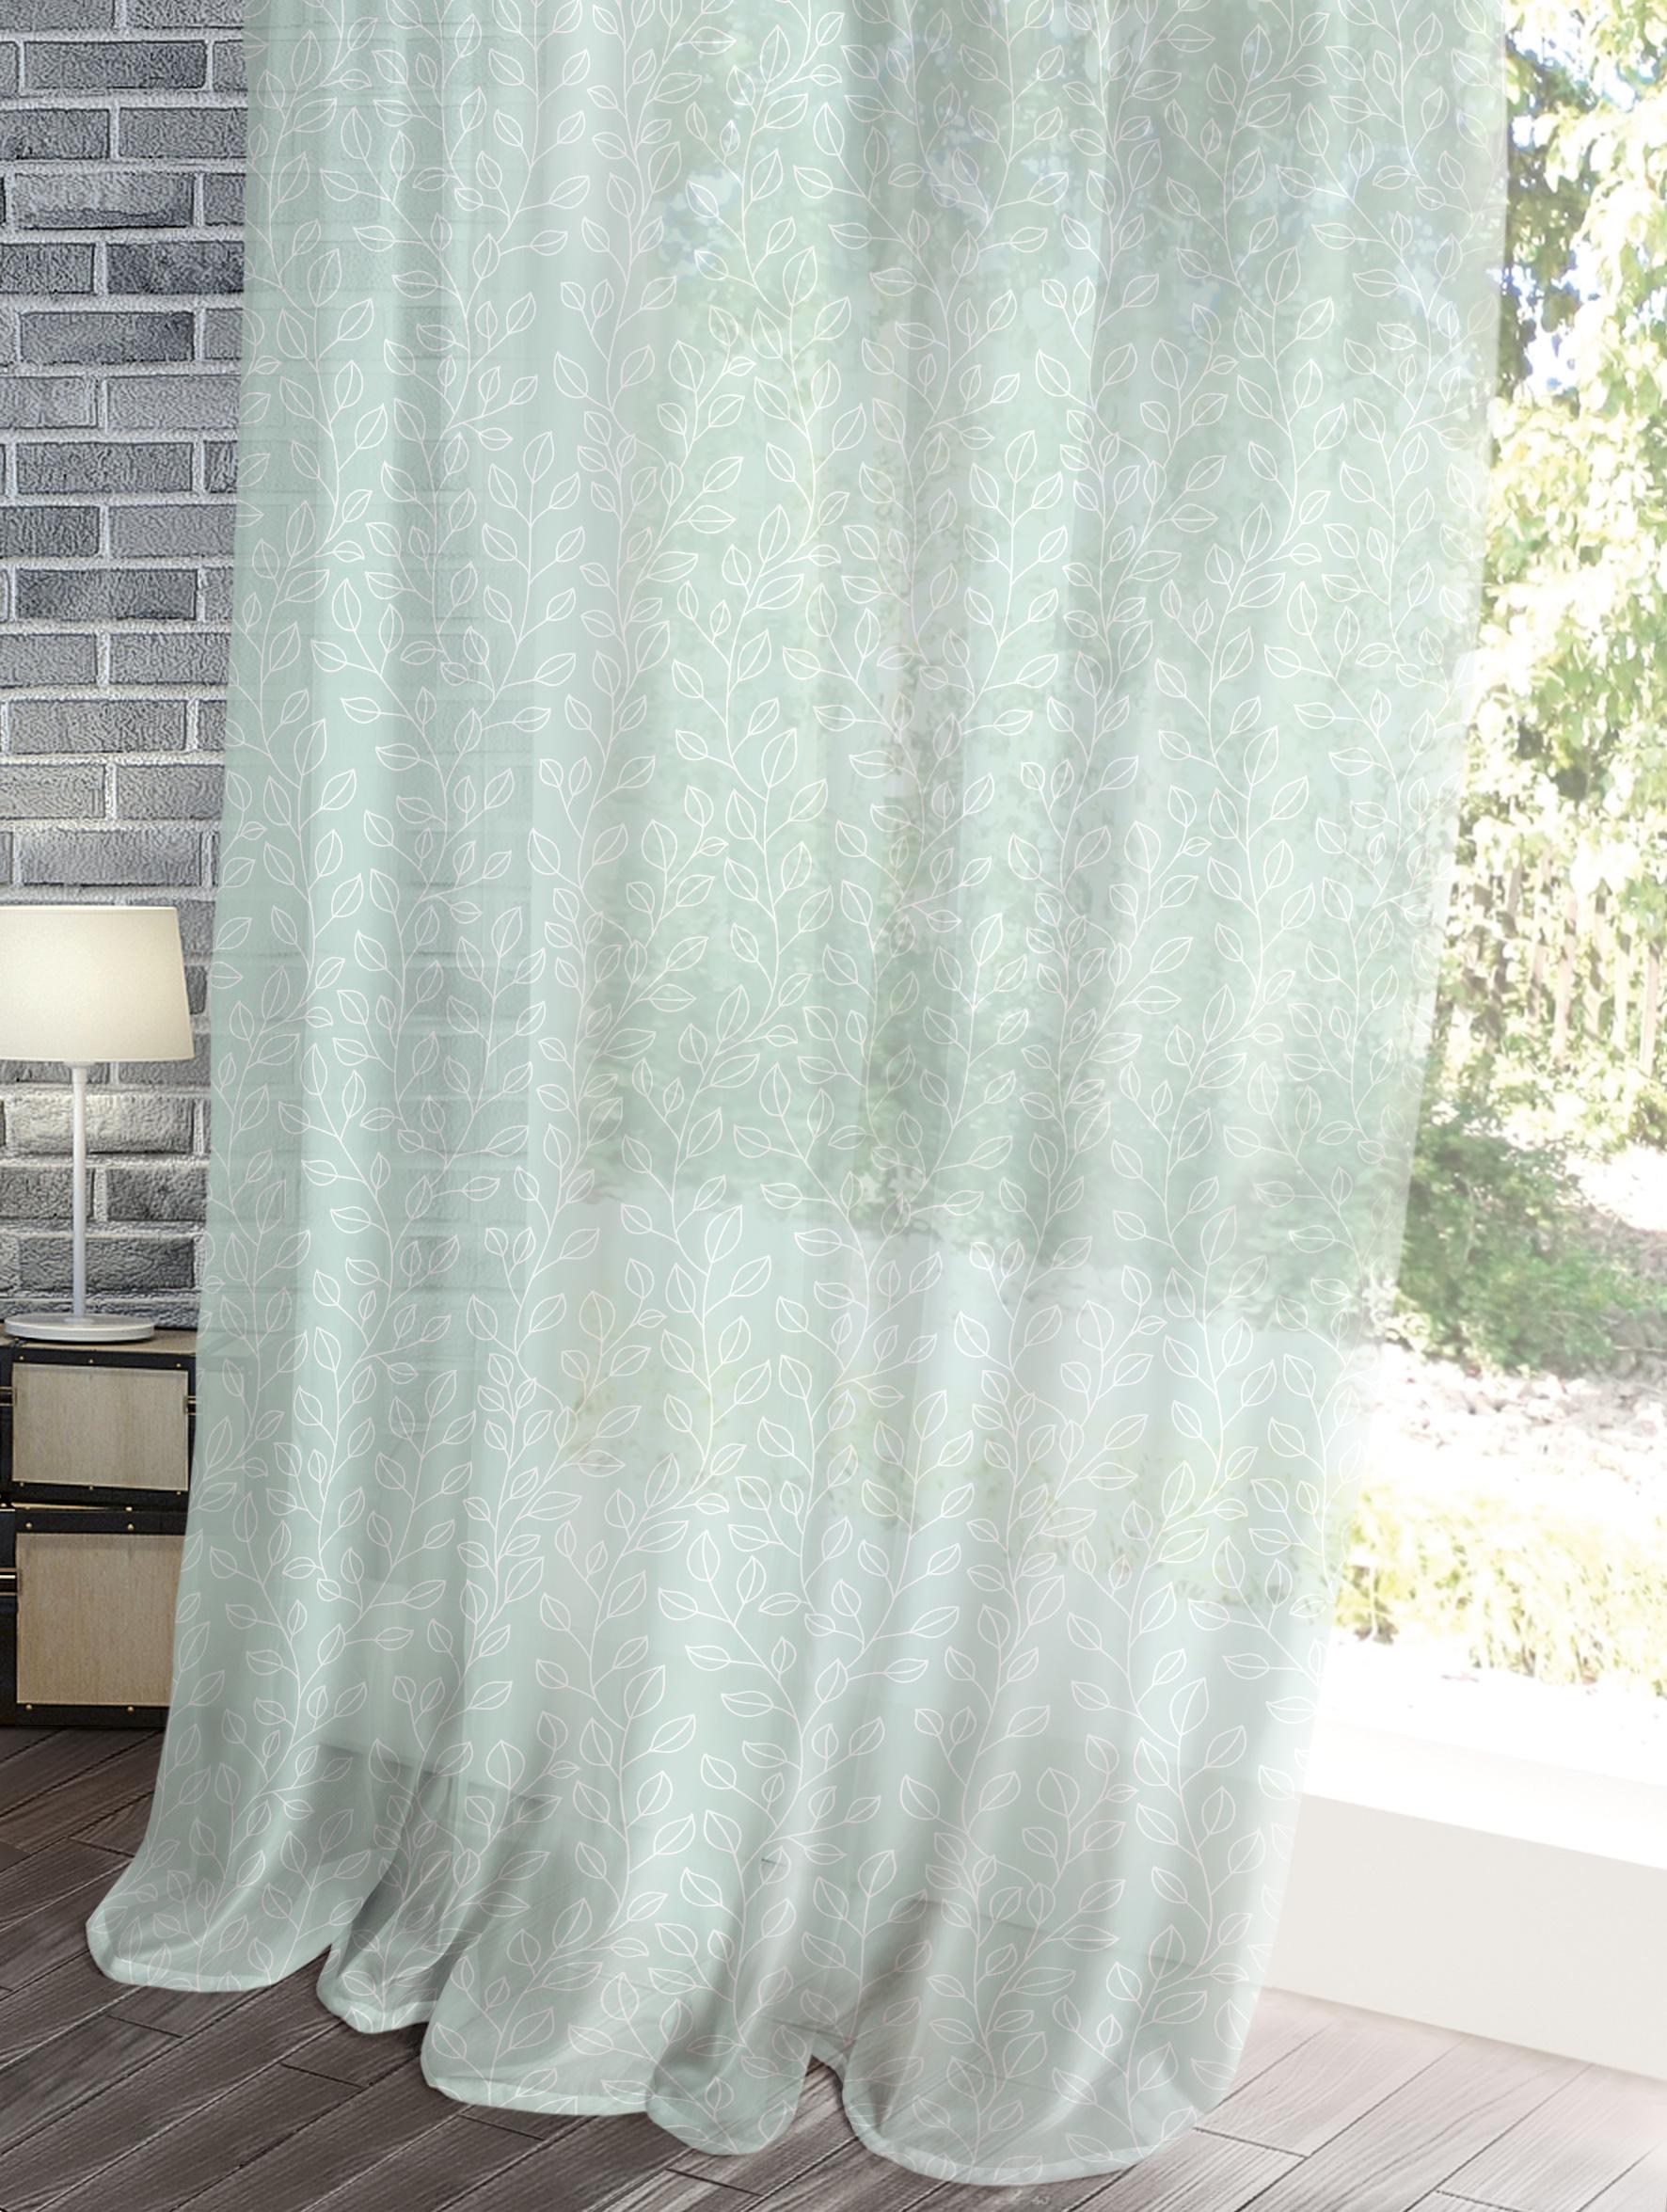 Комплект штор Волшебная ночь Лофт, цвет: ментоловый, 150 x 270 см, 2 шт цена